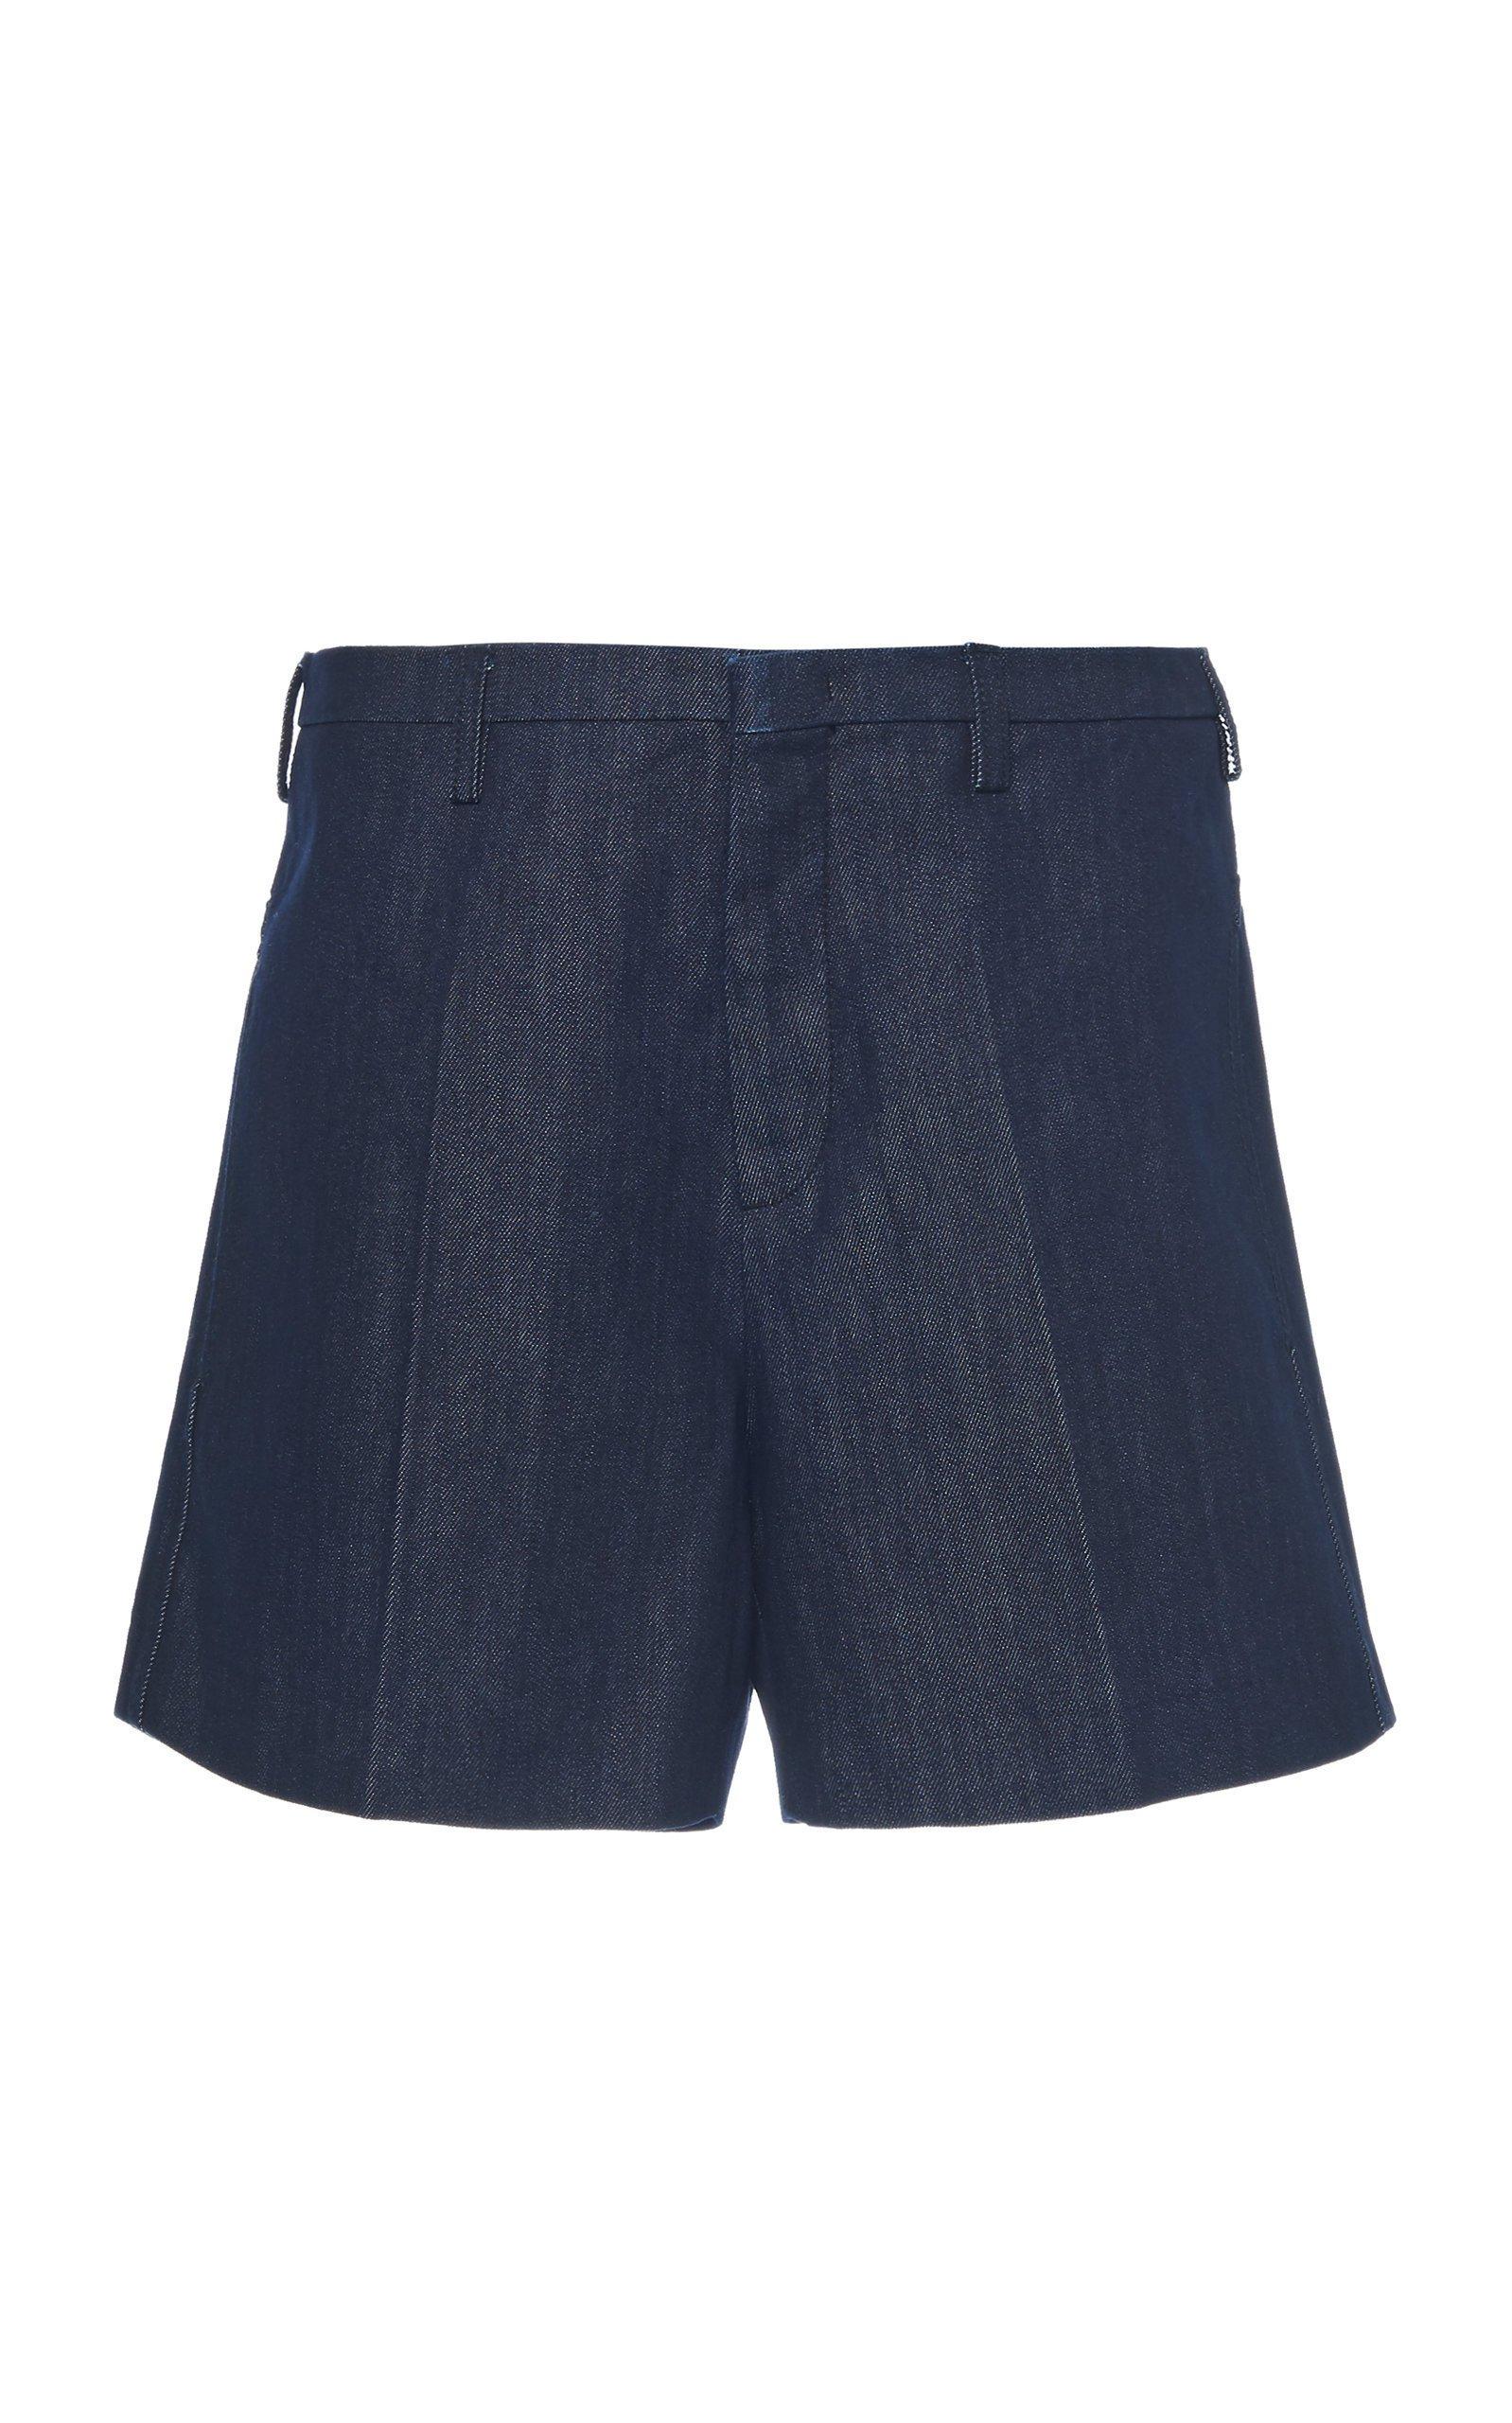 N°21 Mid-Rise Denim Shorts Size: 48